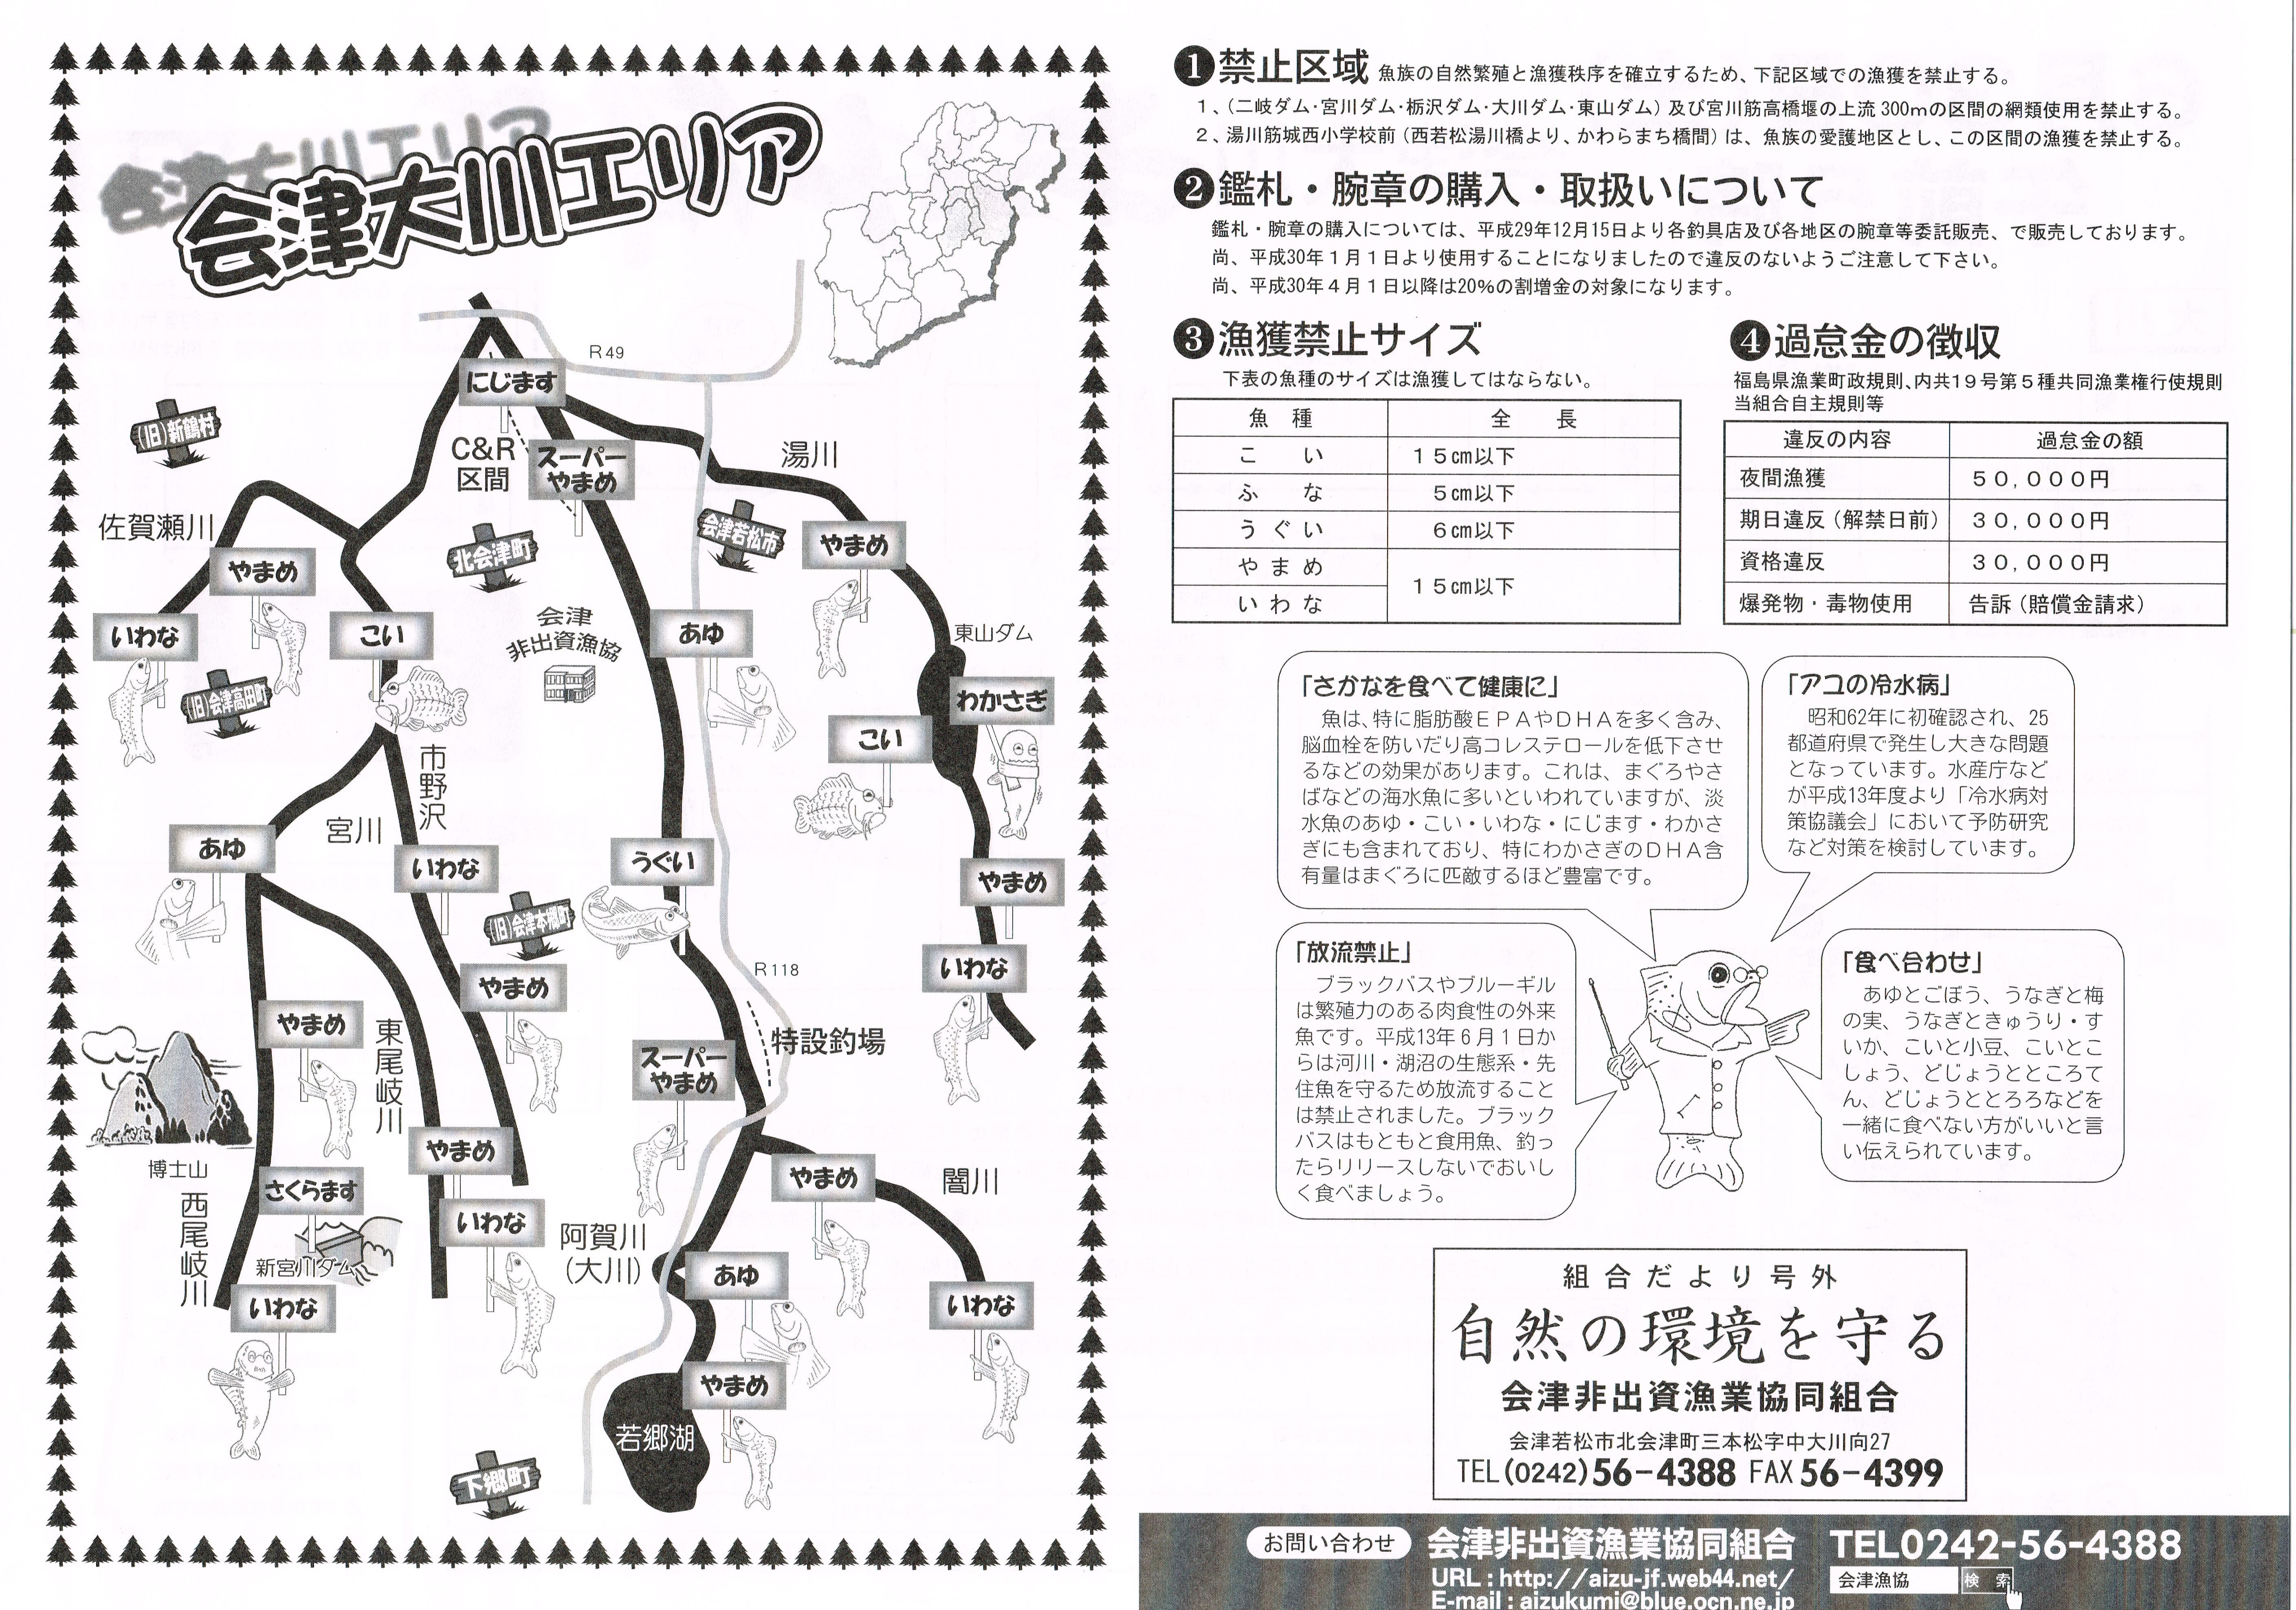 平成30年会津大川 あゆ解禁のお知らせ